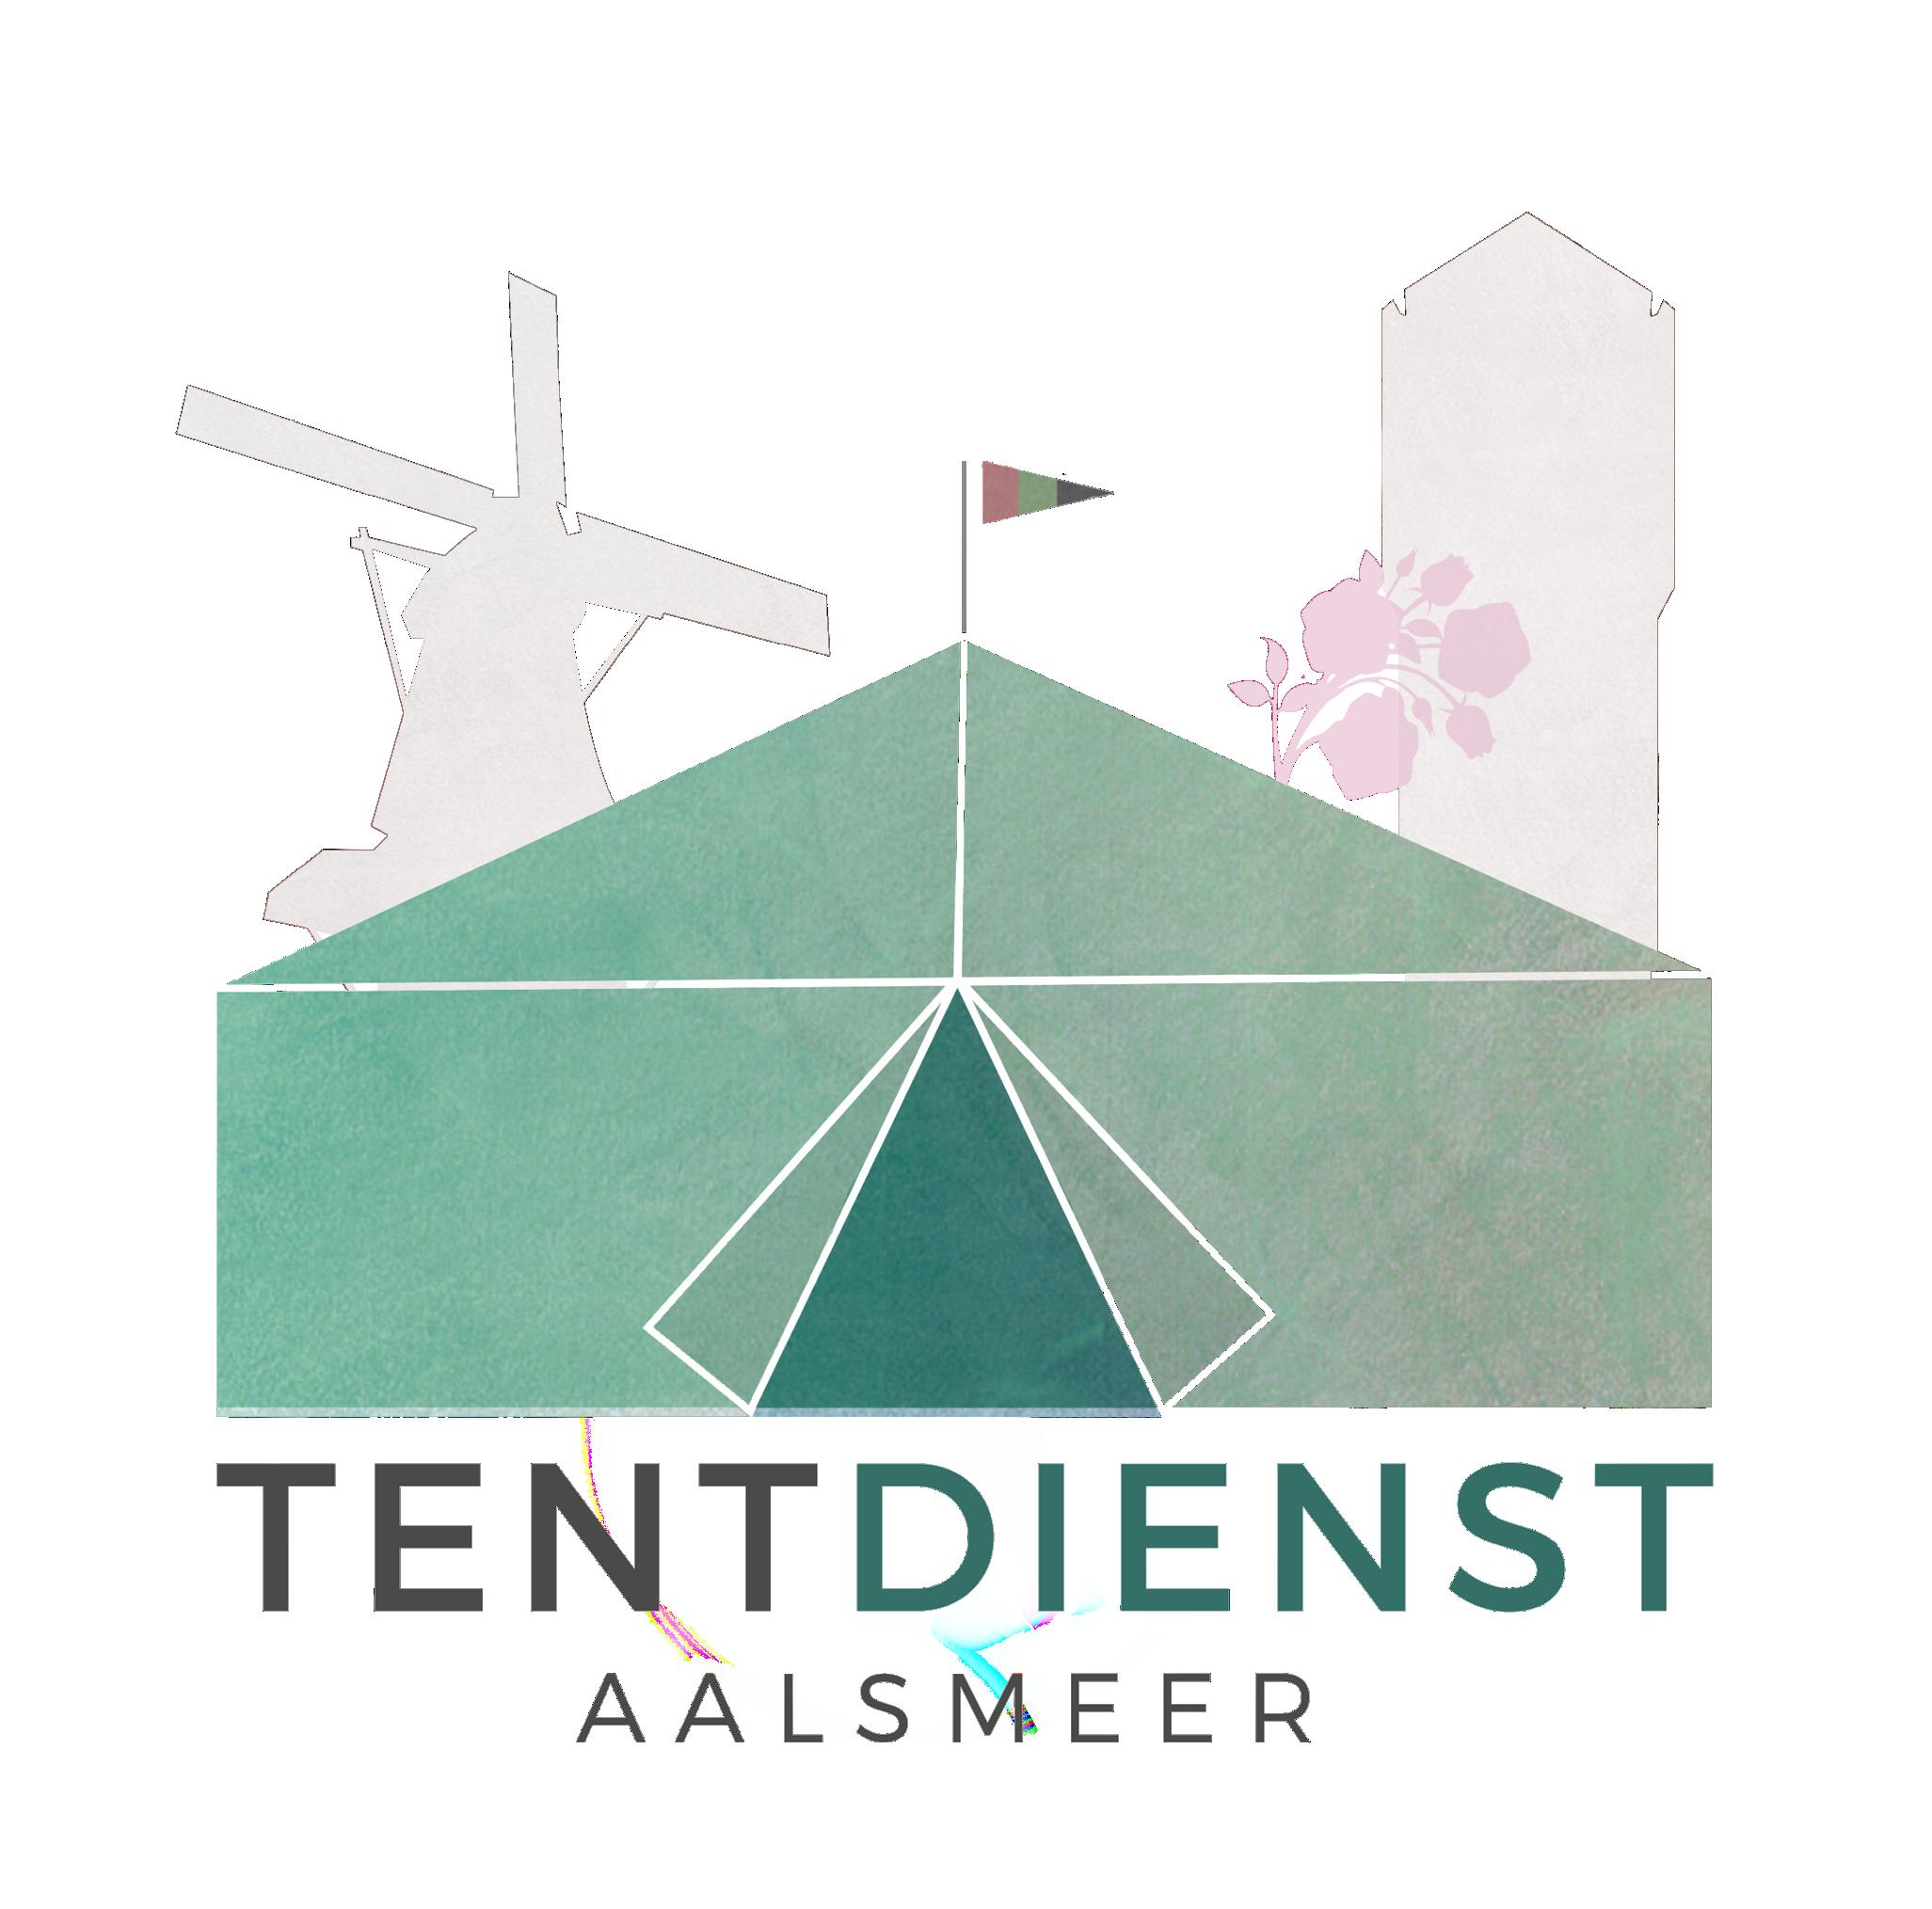 Tentdienst Aalsmeer